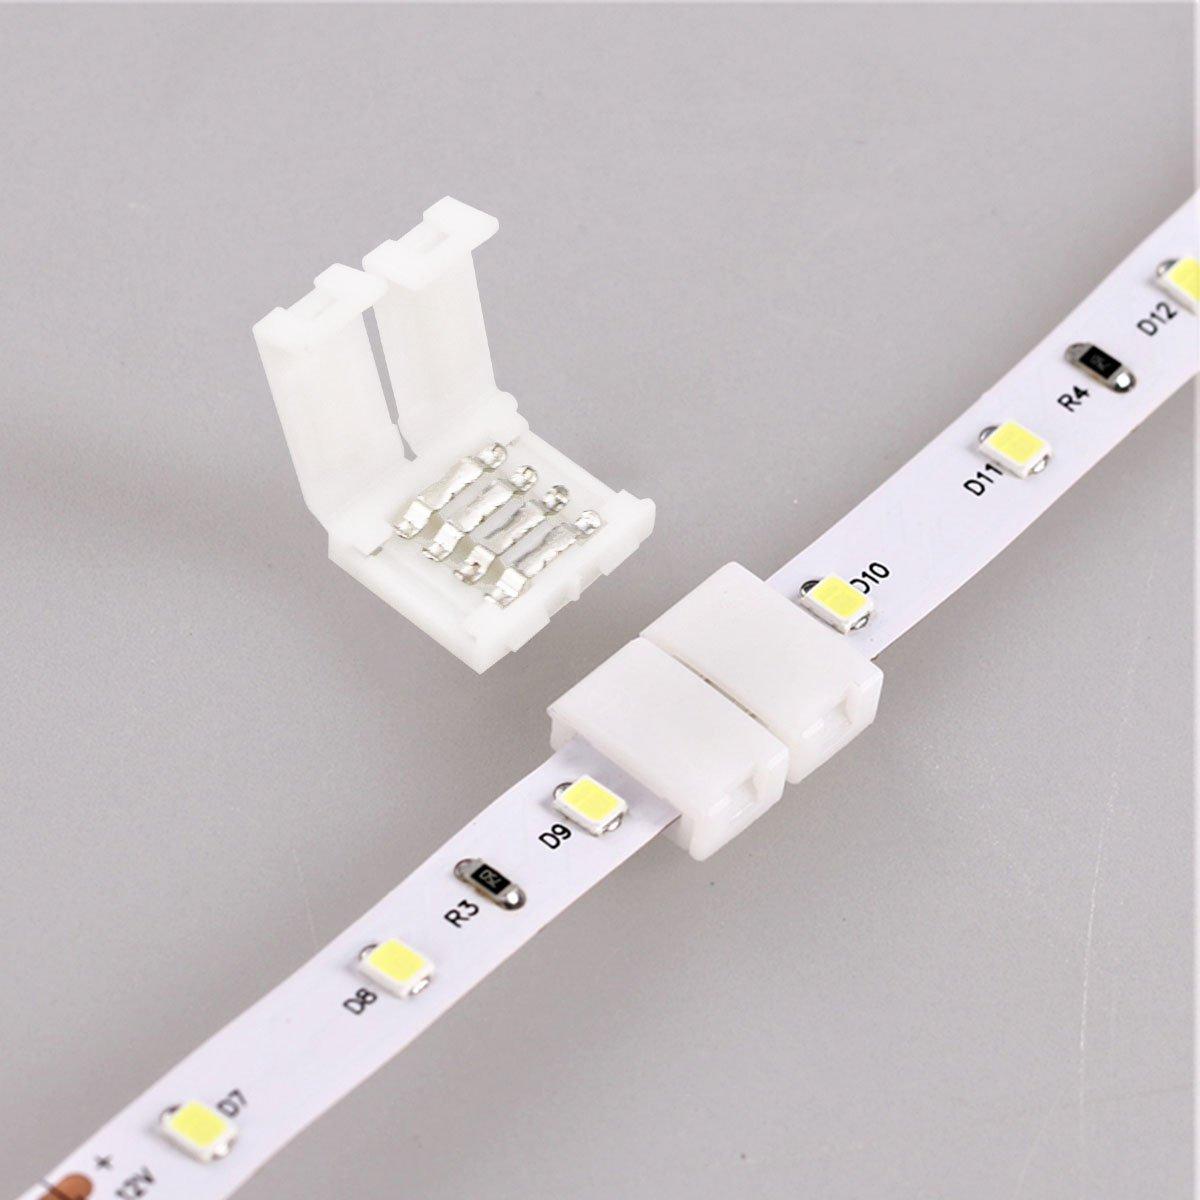 Fixget 20 Pzas Conector en Forma, Conector de Luz de Tira Conector Rápido de Luz de Cinta LED Conector LED SMD 5050/3528 RGB de 10mm Ancho: Amazon.es: ...